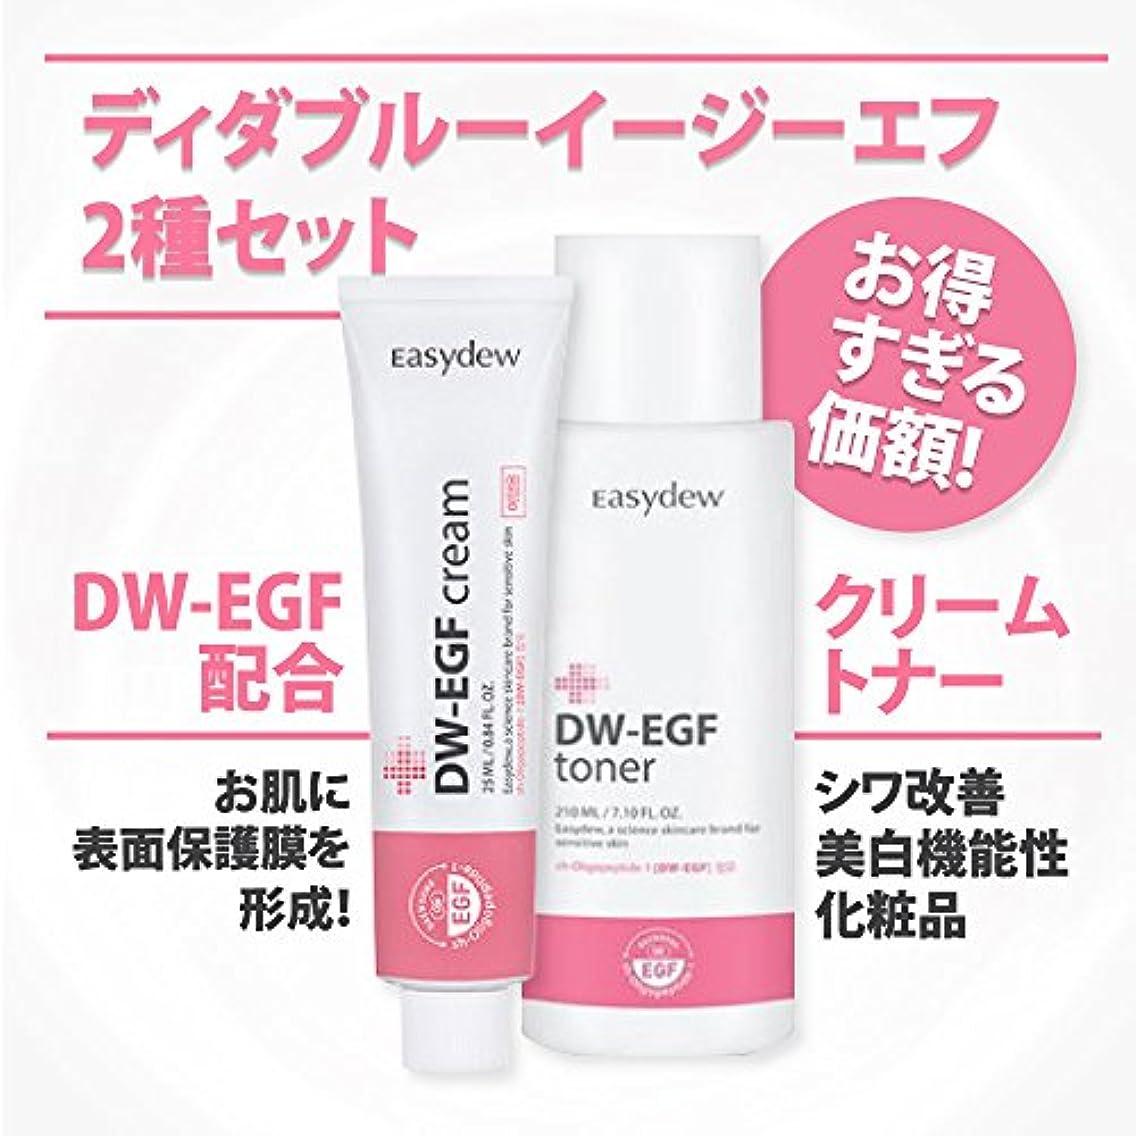 お手入れ盆地友だちEasydew DW-EGF 化粧水 210ml クリーム 50ml セット Easydew DW-EGF Toner Cream Set 人気 スキンケア セット